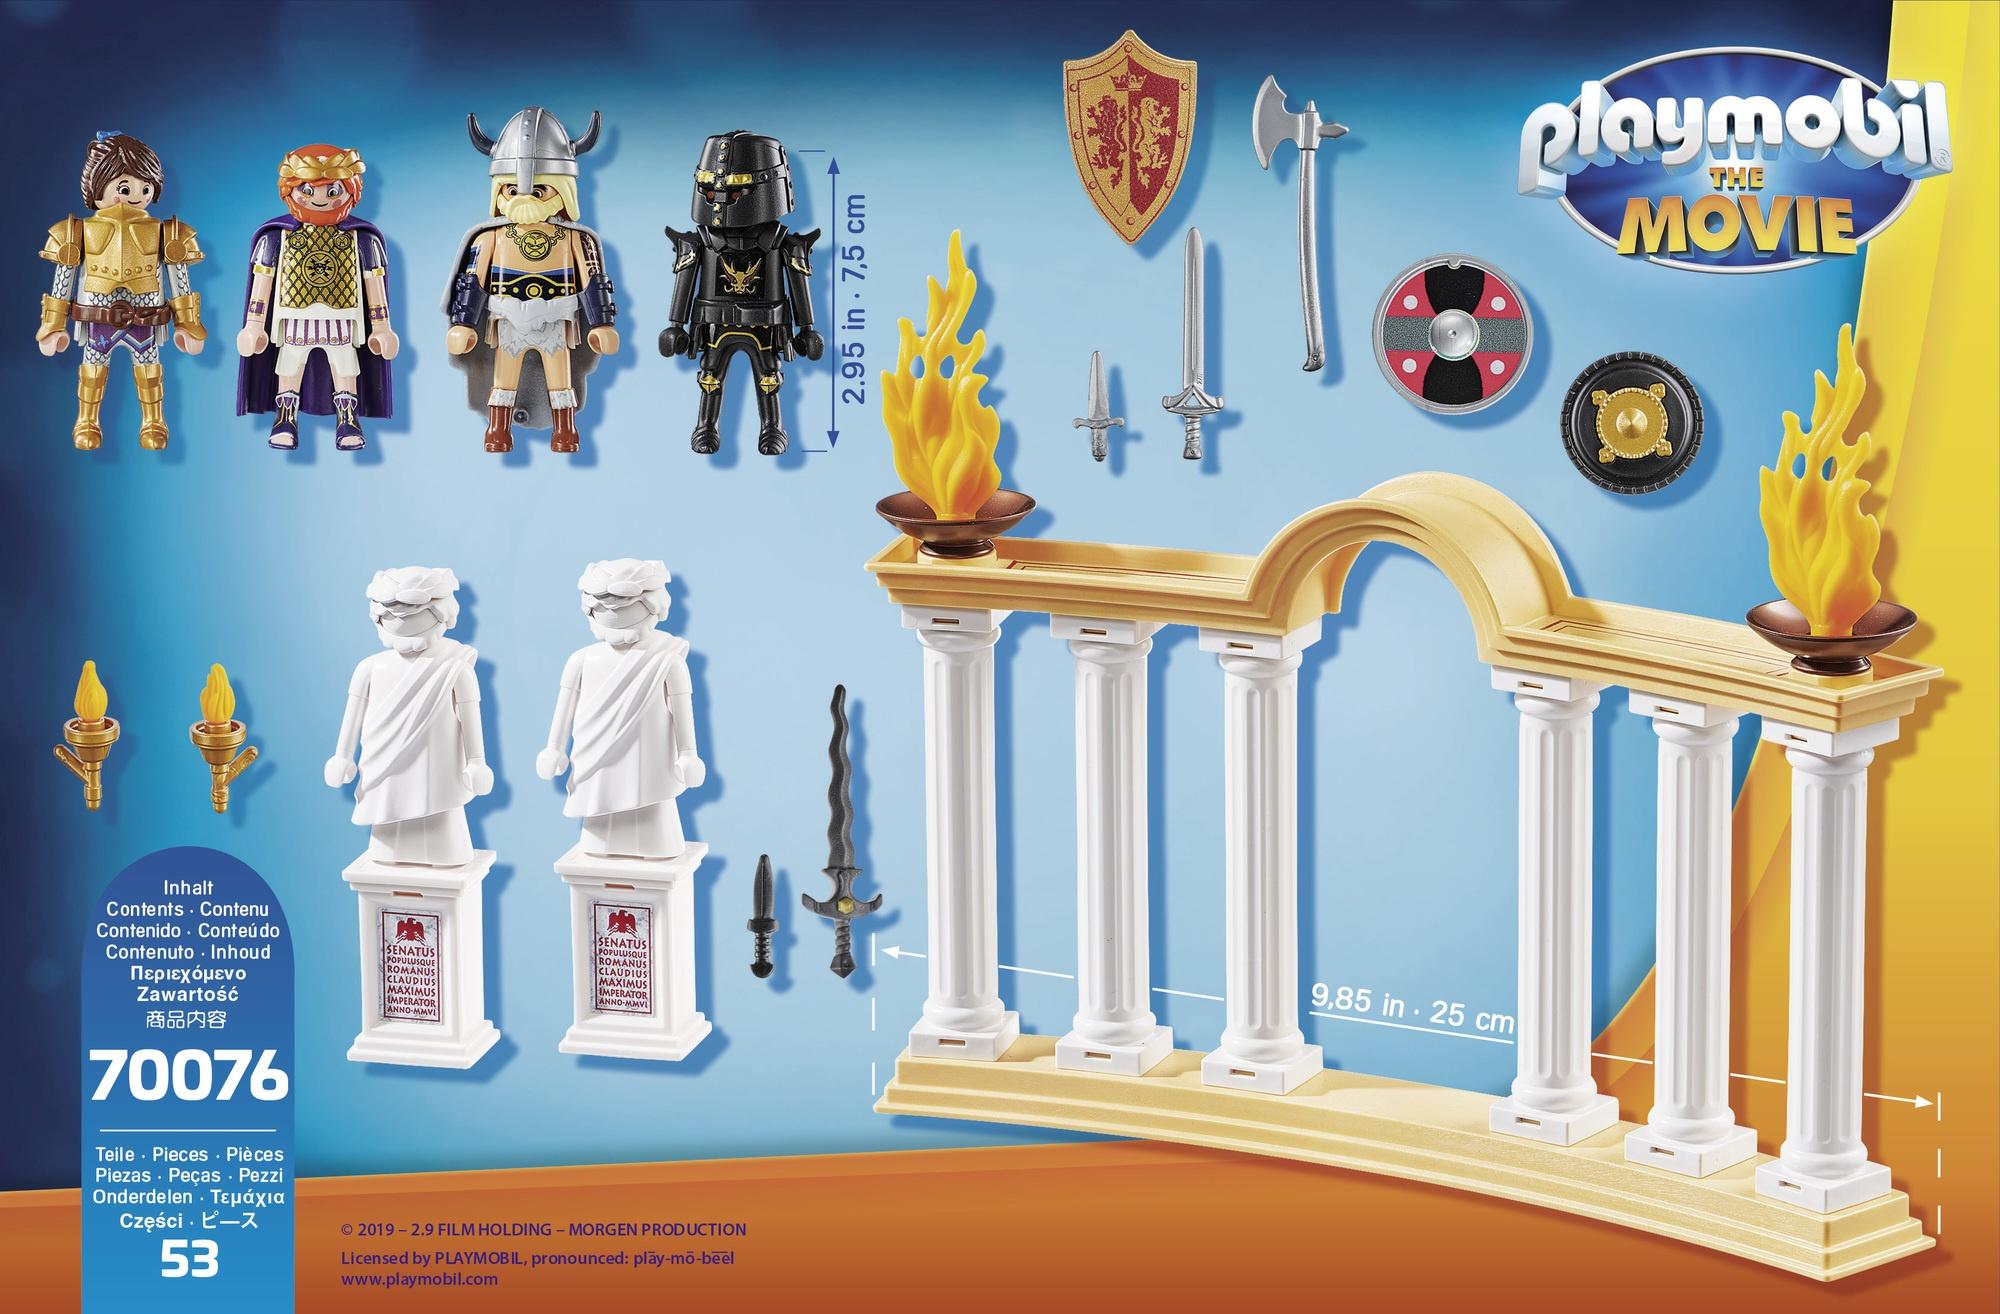 Imparatul maximus in colosseum playmobil movie - 2